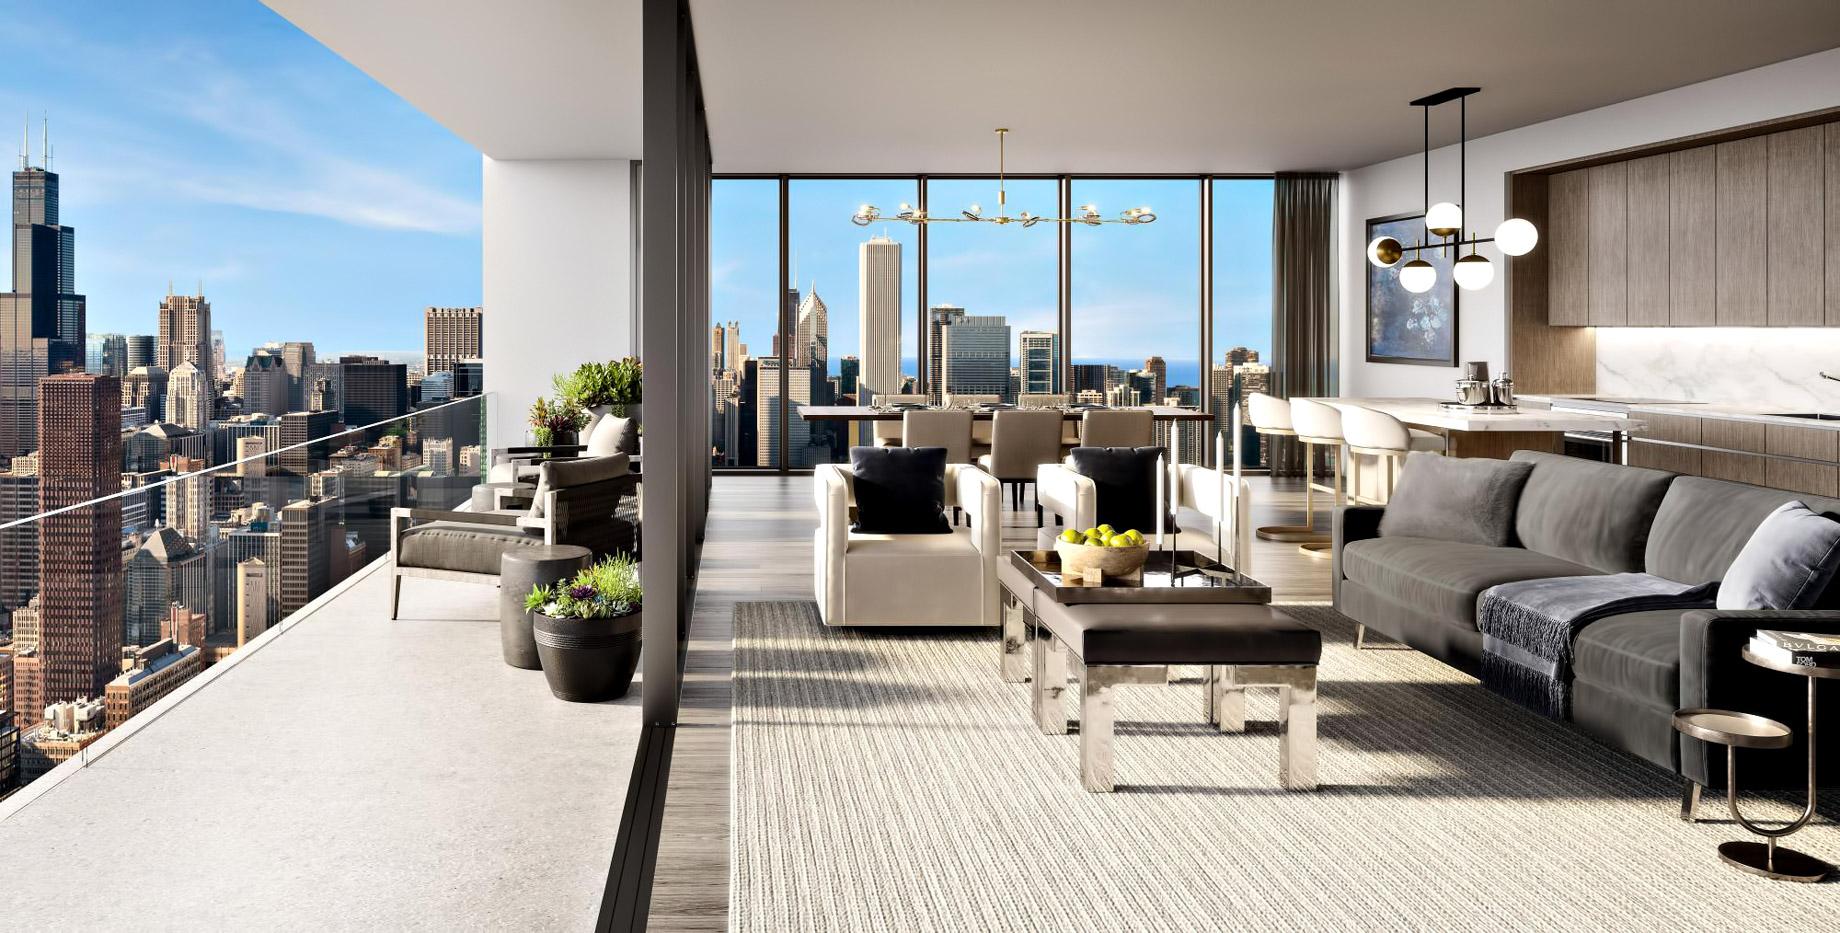 Interior Design - NEMA Chicago - 1200 S Indiana Ave, Chicago, IL, USA